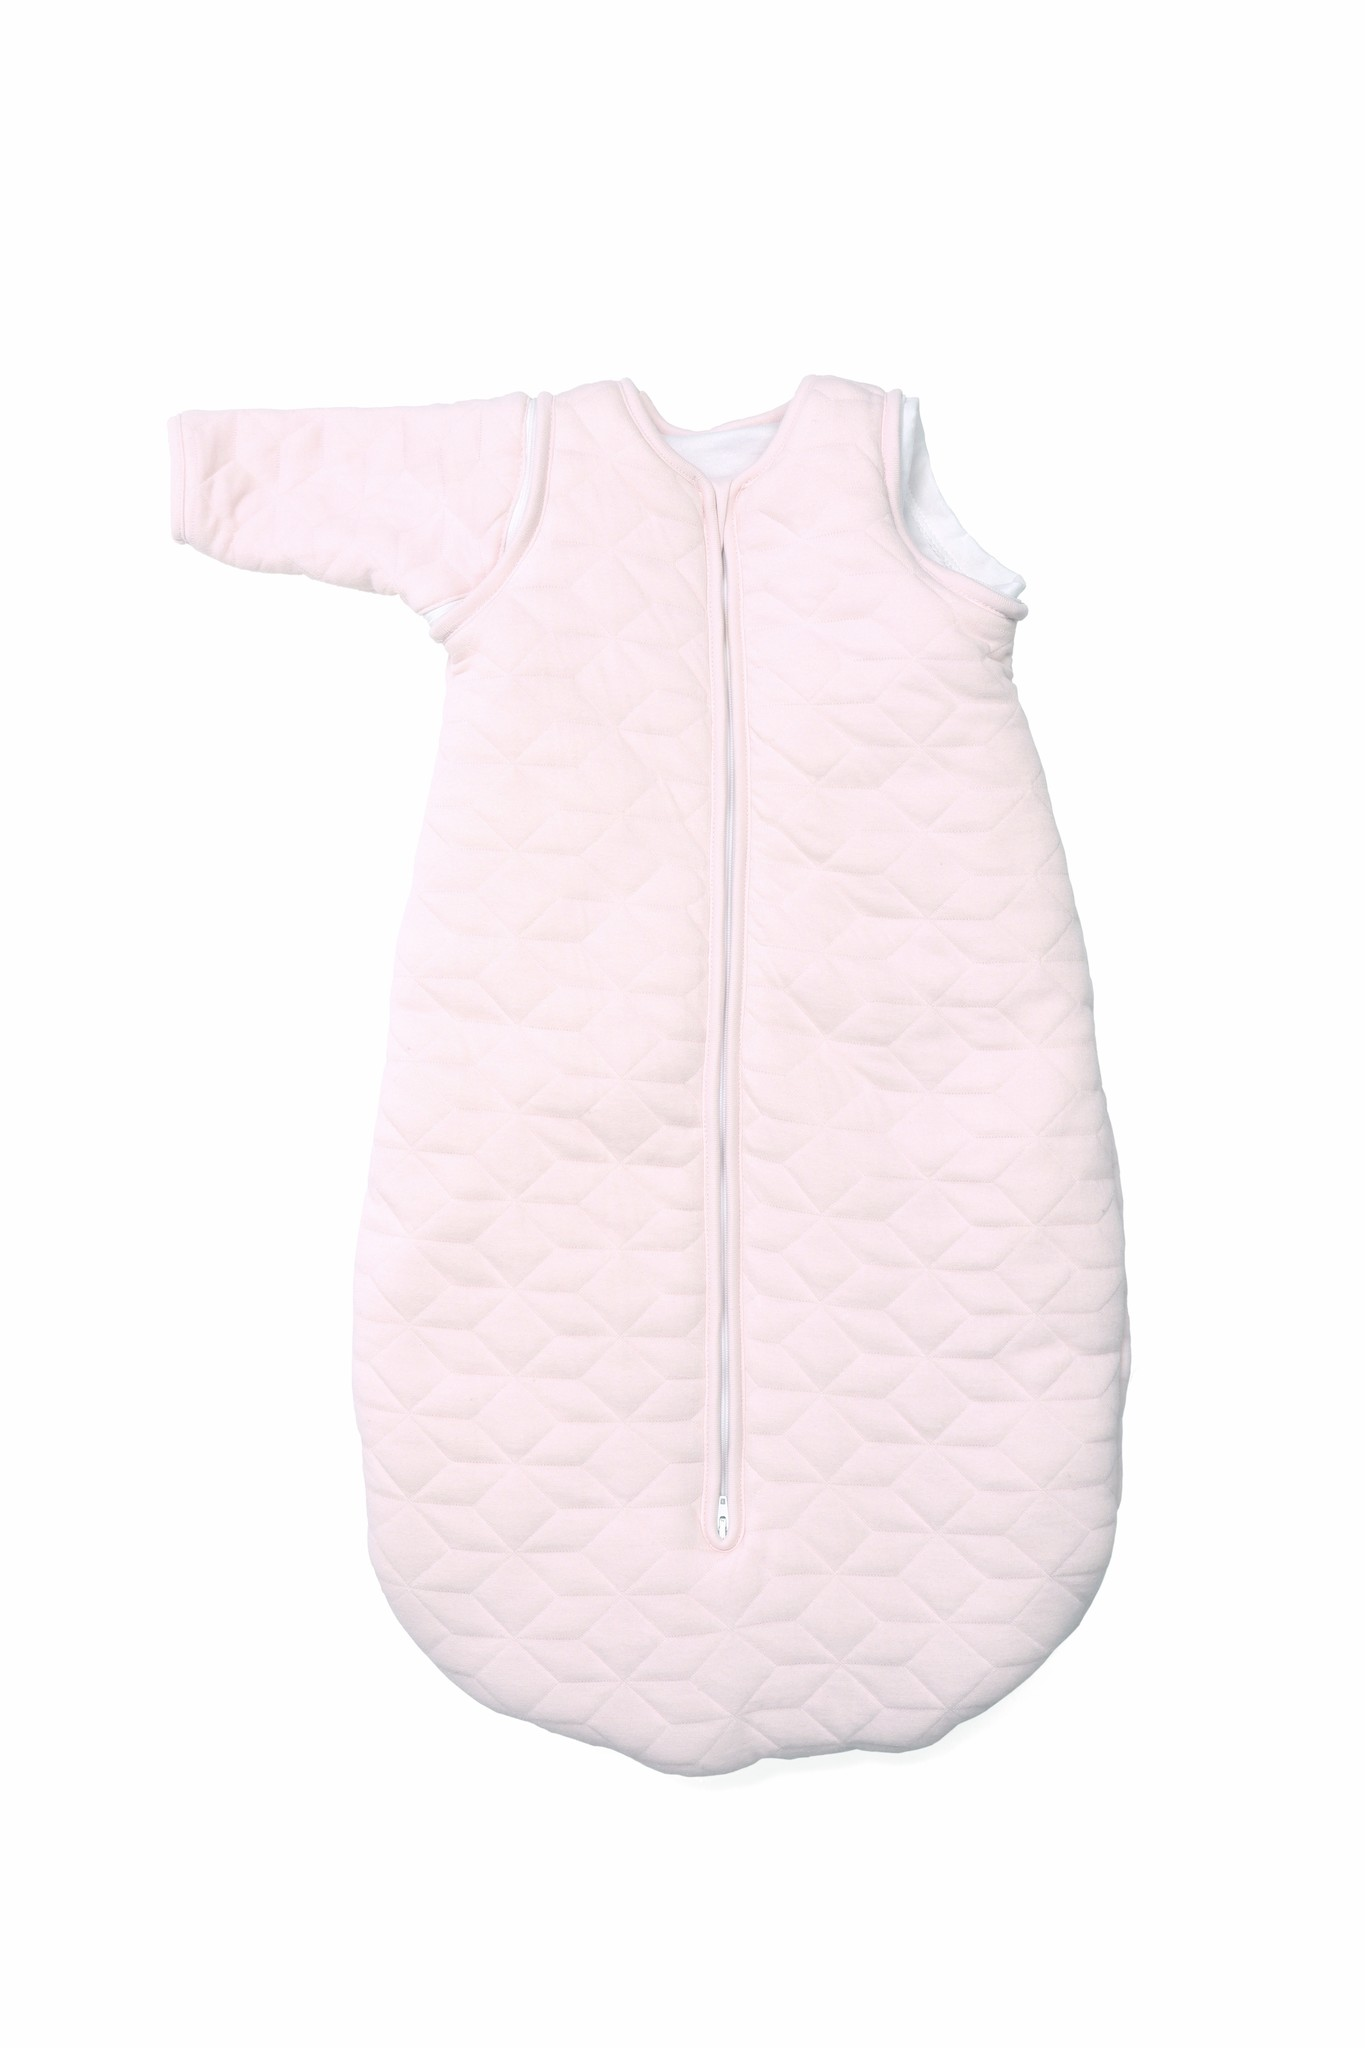 Sac de couchage en jersey 70cm avec manches détachables Star Soft Pink-3